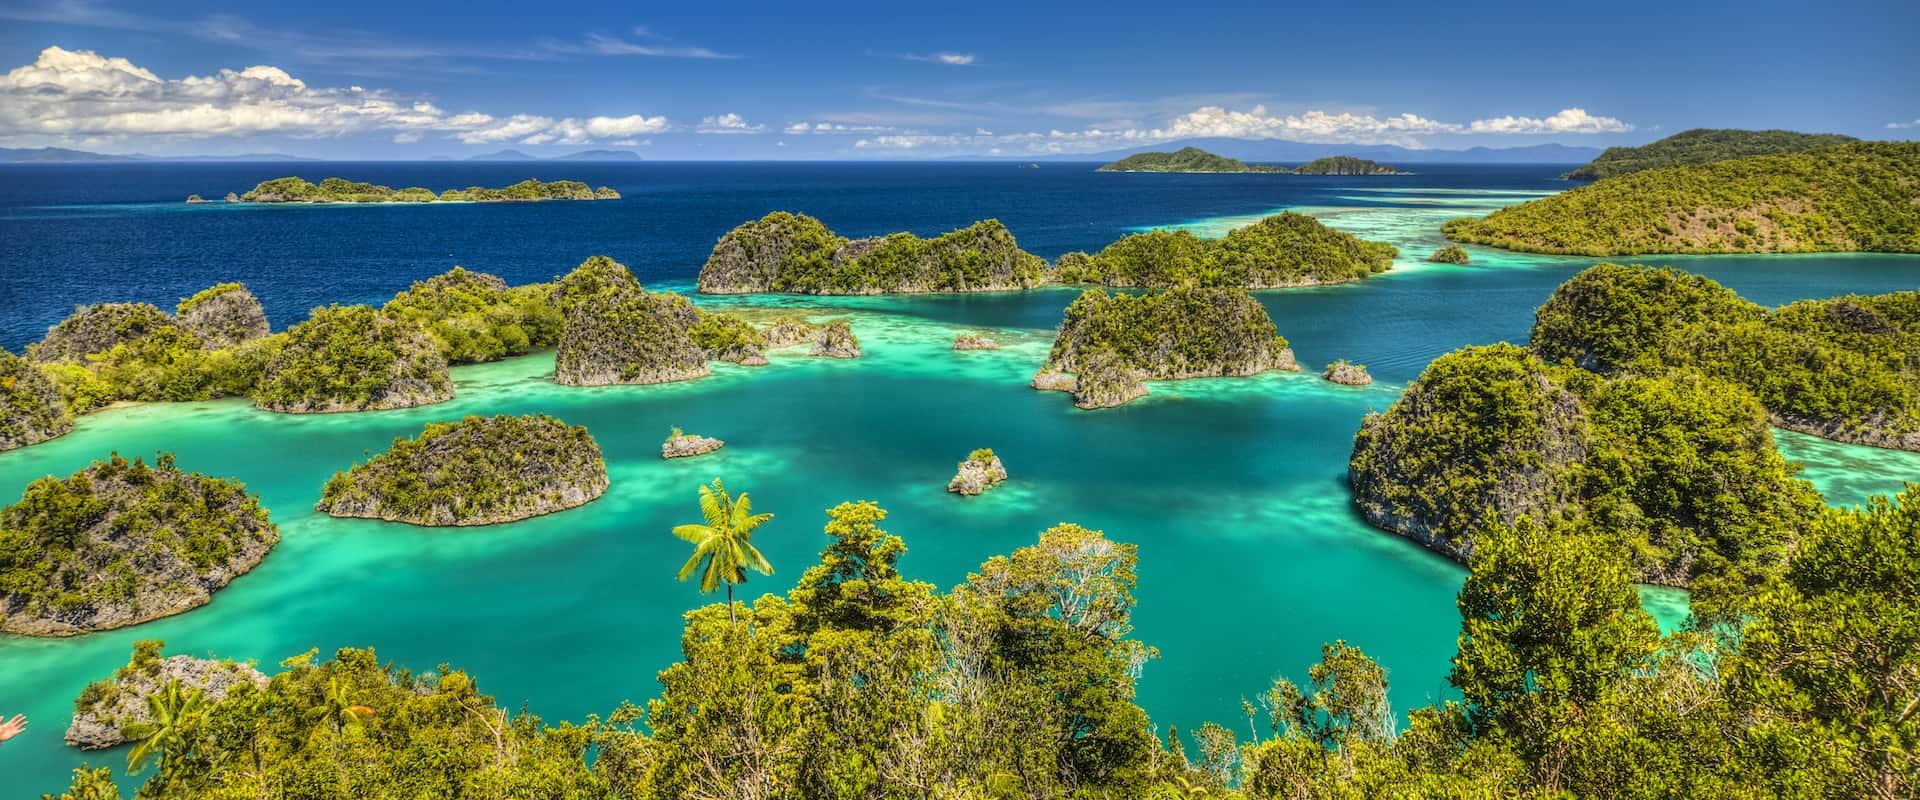 Địa điểm du lịch thú vị của châu Á 5